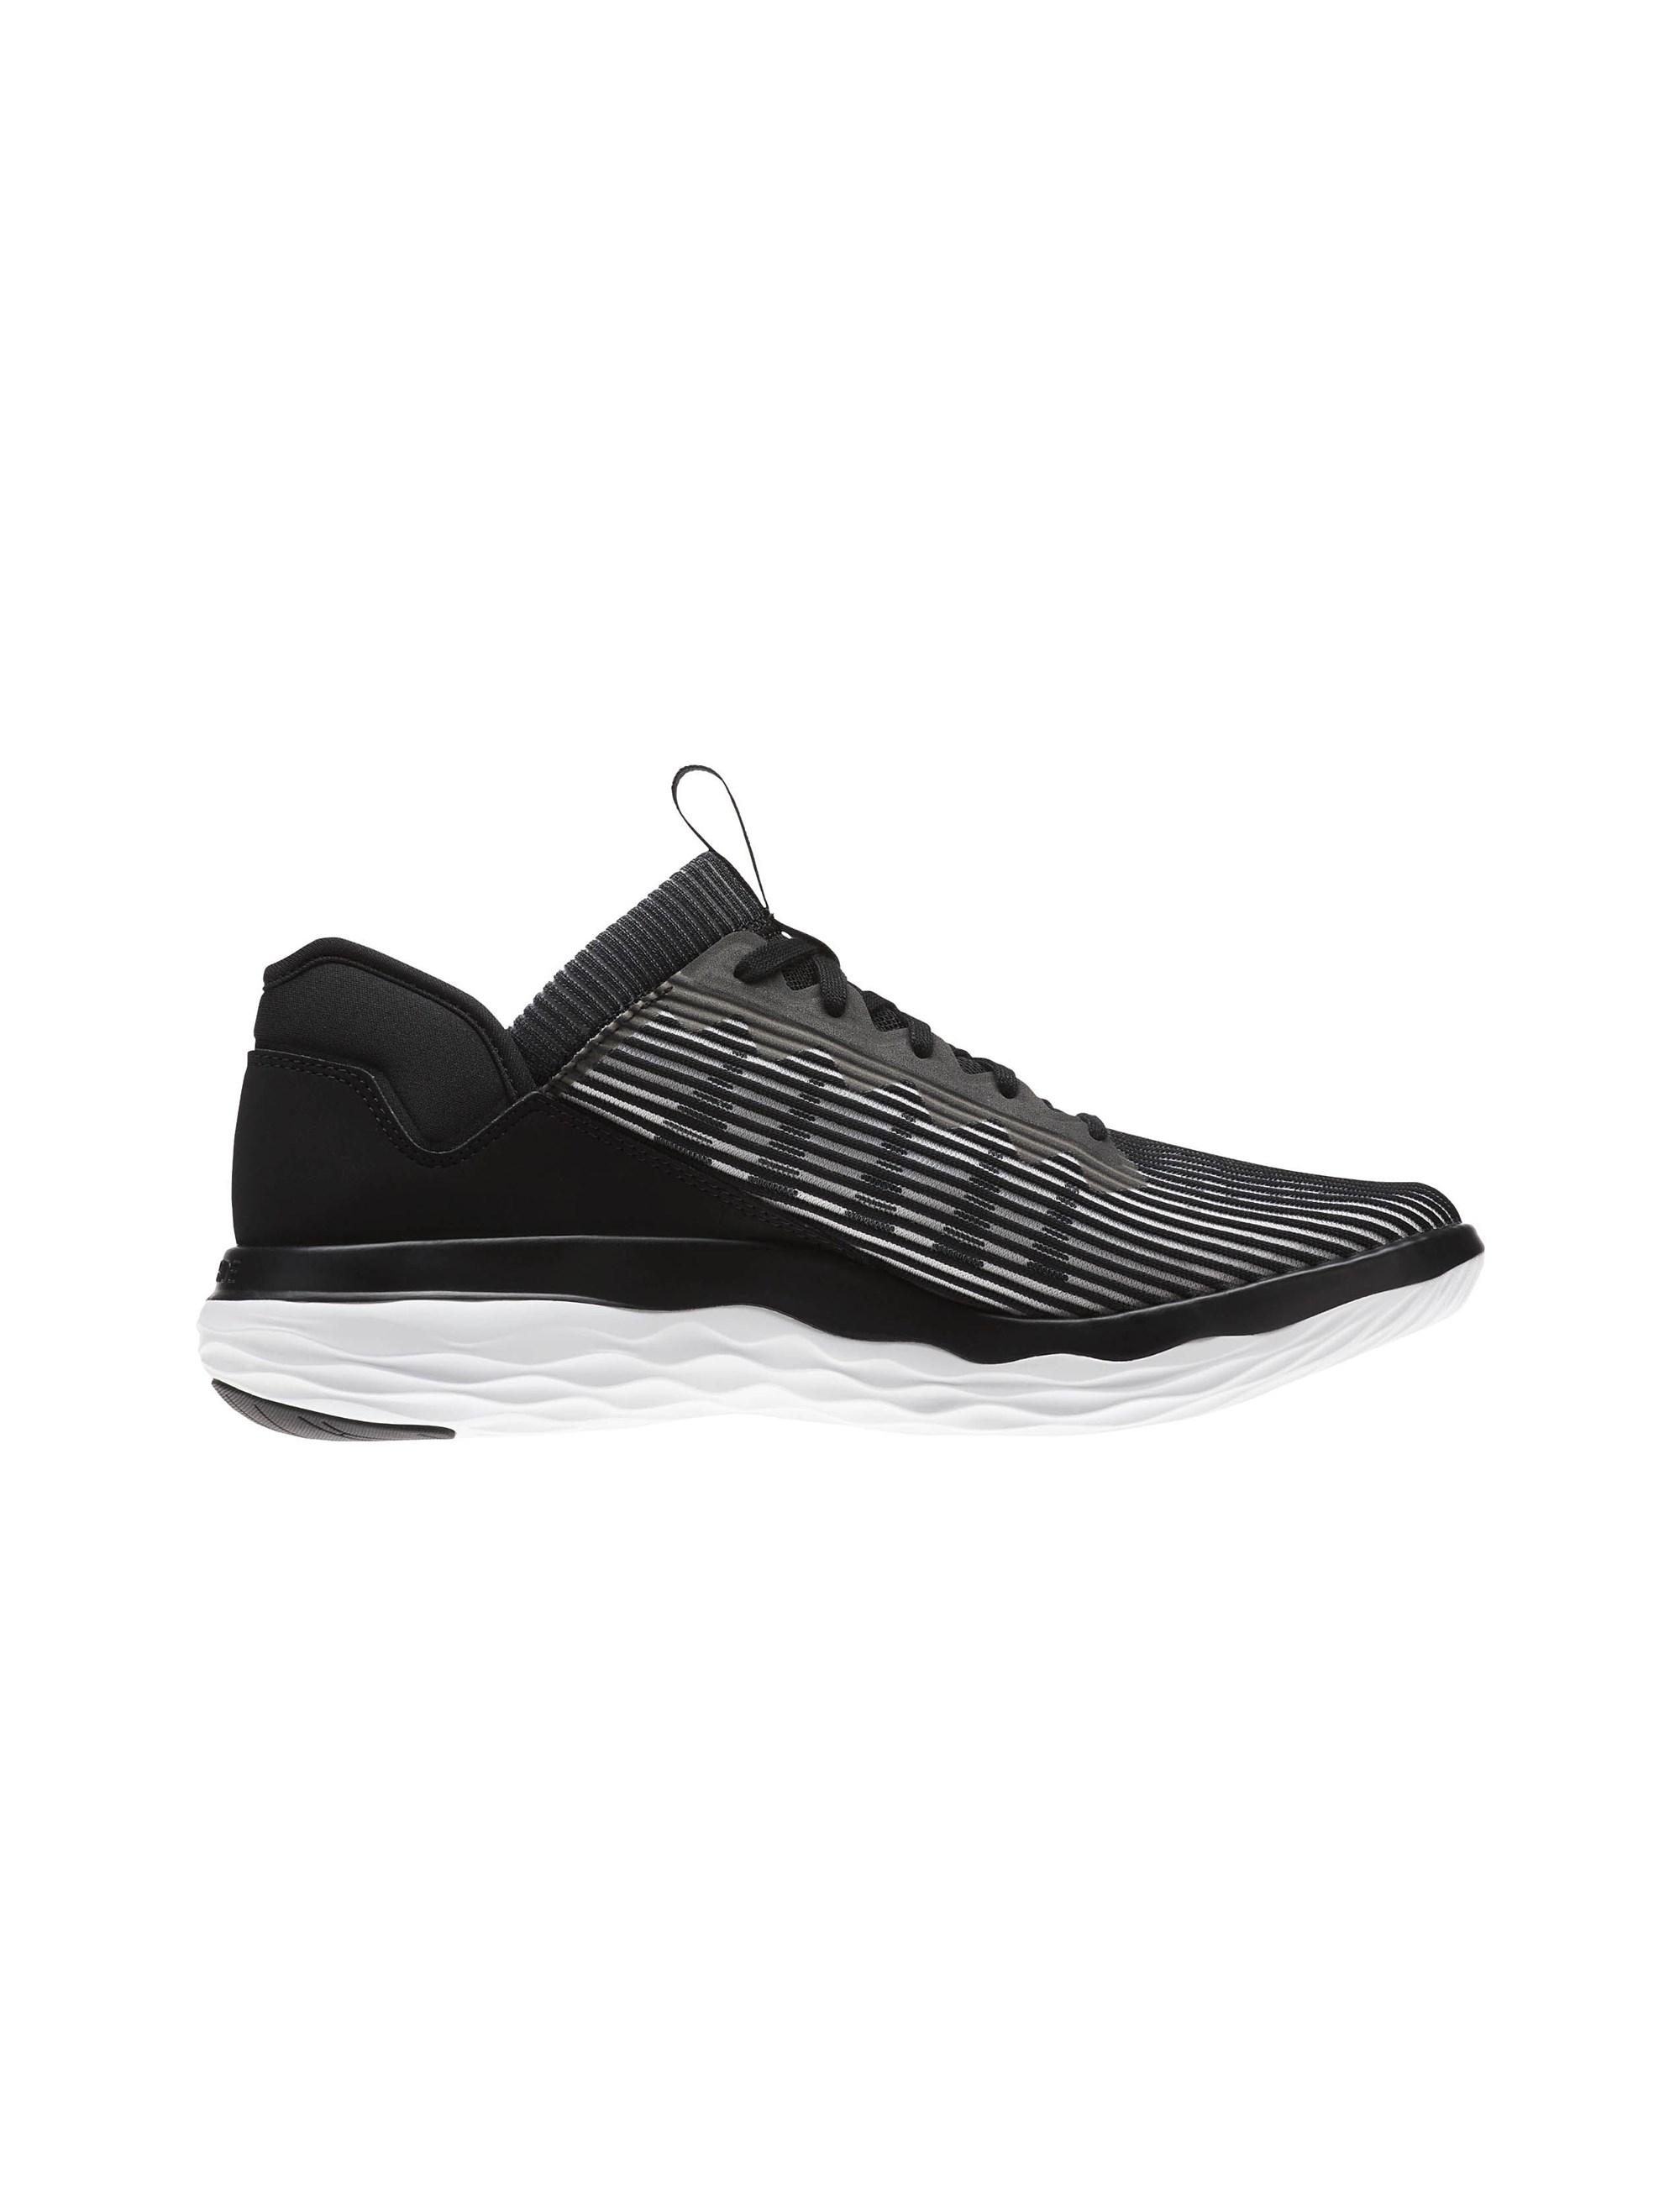 قیمت کفش دویدن بندی مردانه Astroride Forever - ریباک